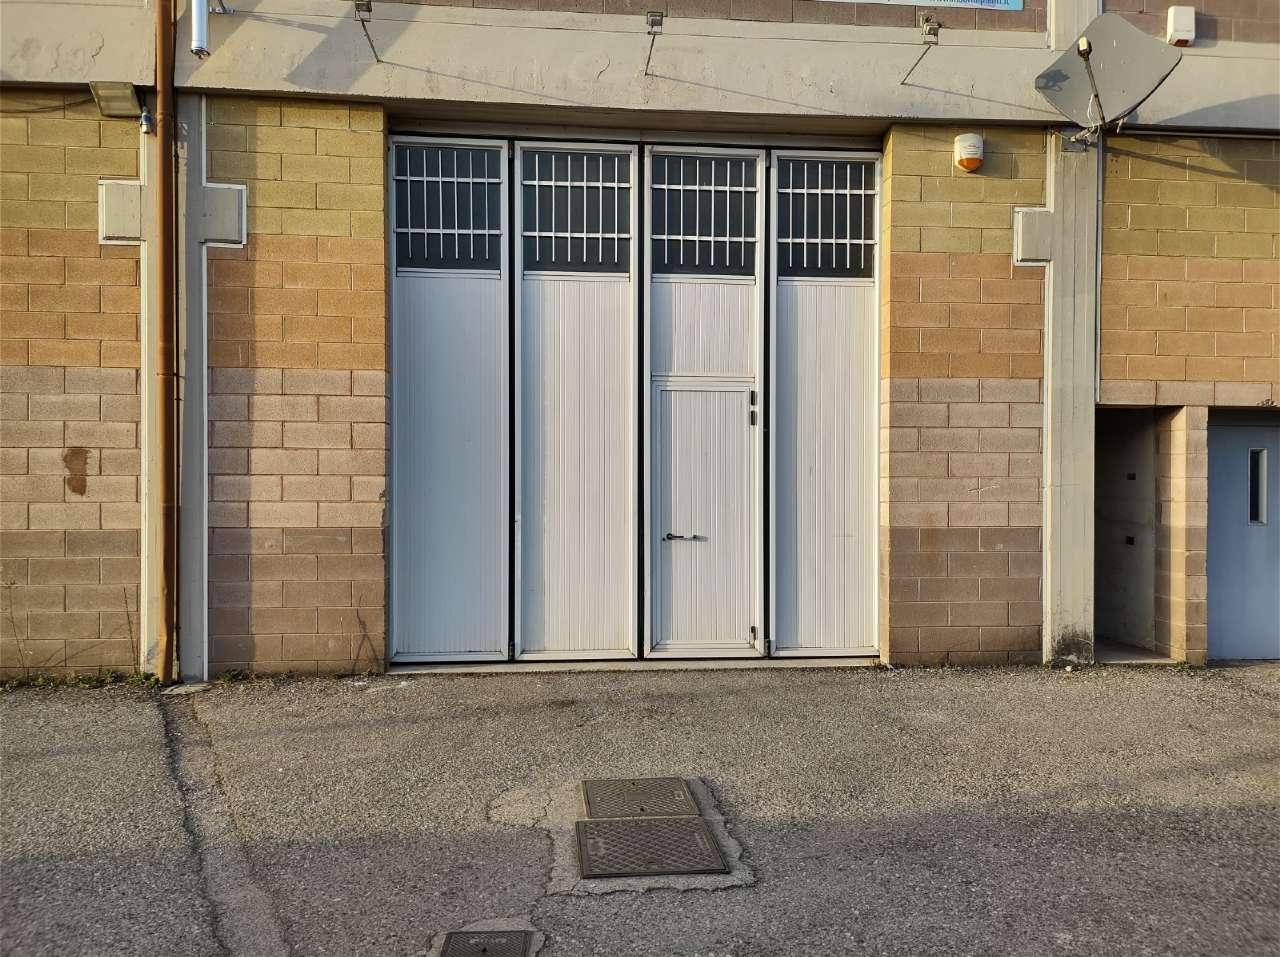 Capannone in vendita a Suisio, 1 locali, prezzo € 150.000 | PortaleAgenzieImmobiliari.it